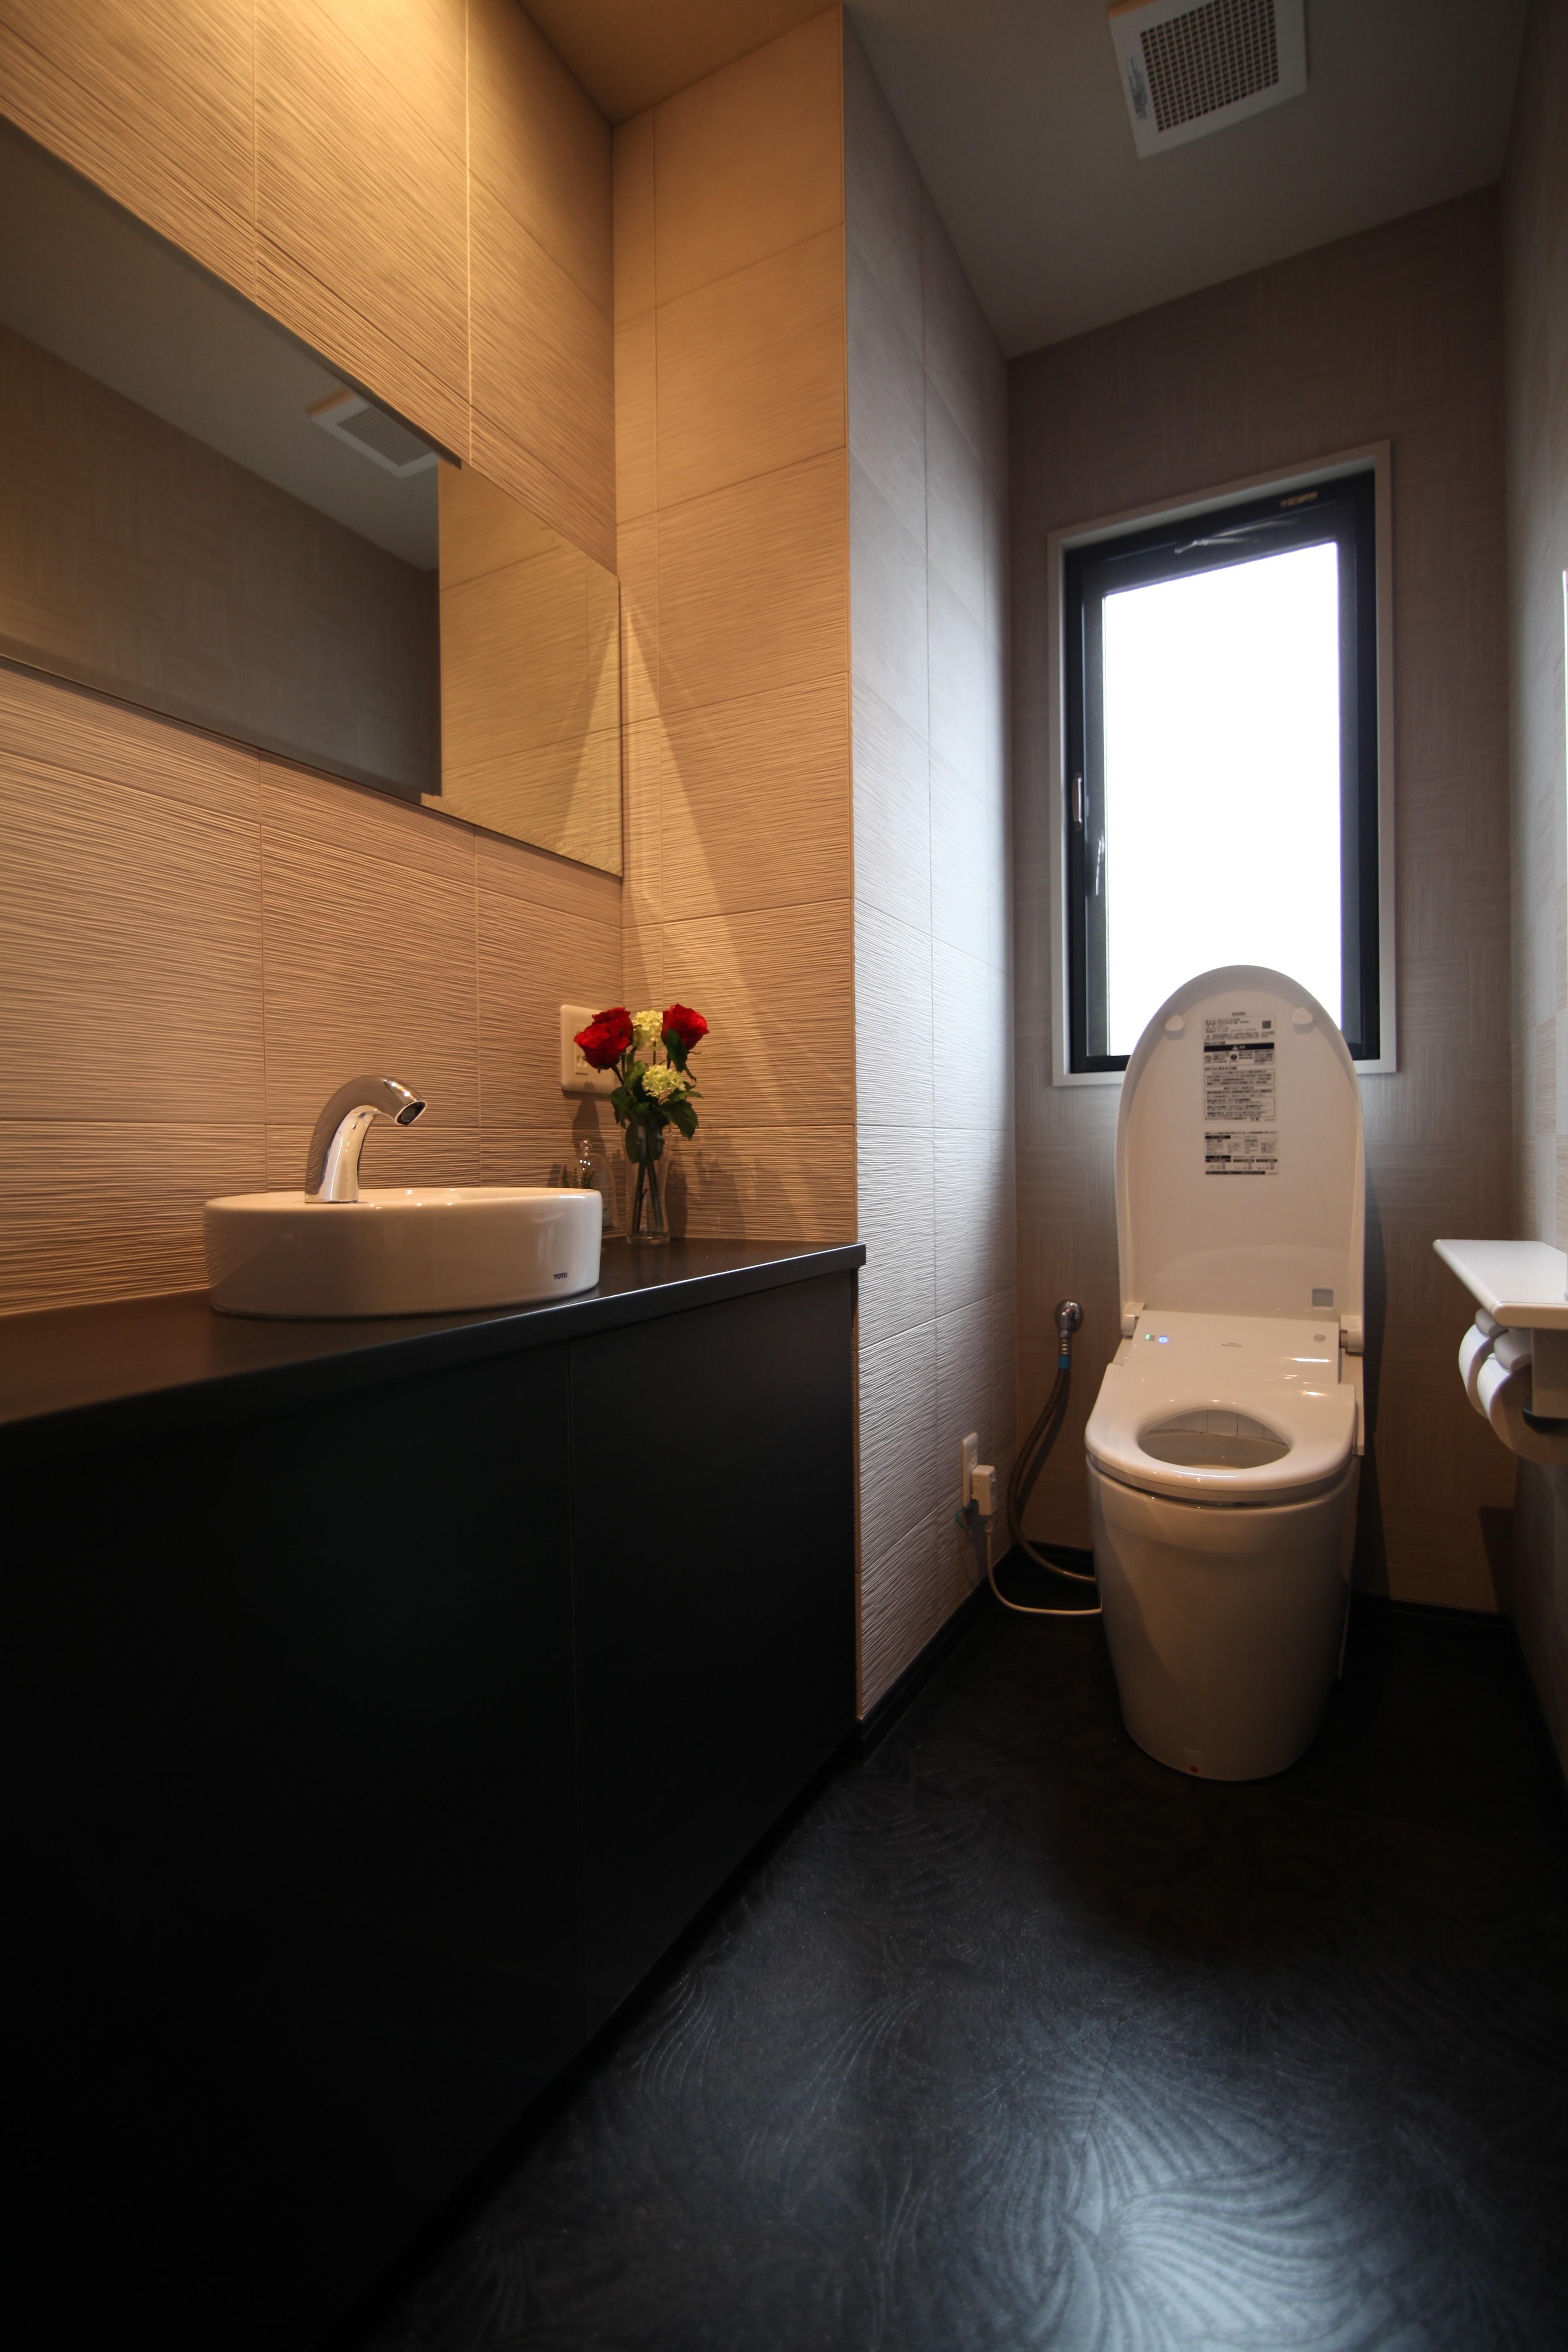 岐阜市でリフォーム・増改築をお考えなら、岐阜市のリフォーム工房 アールズ(アールズ建築設計工房)へお任せください。